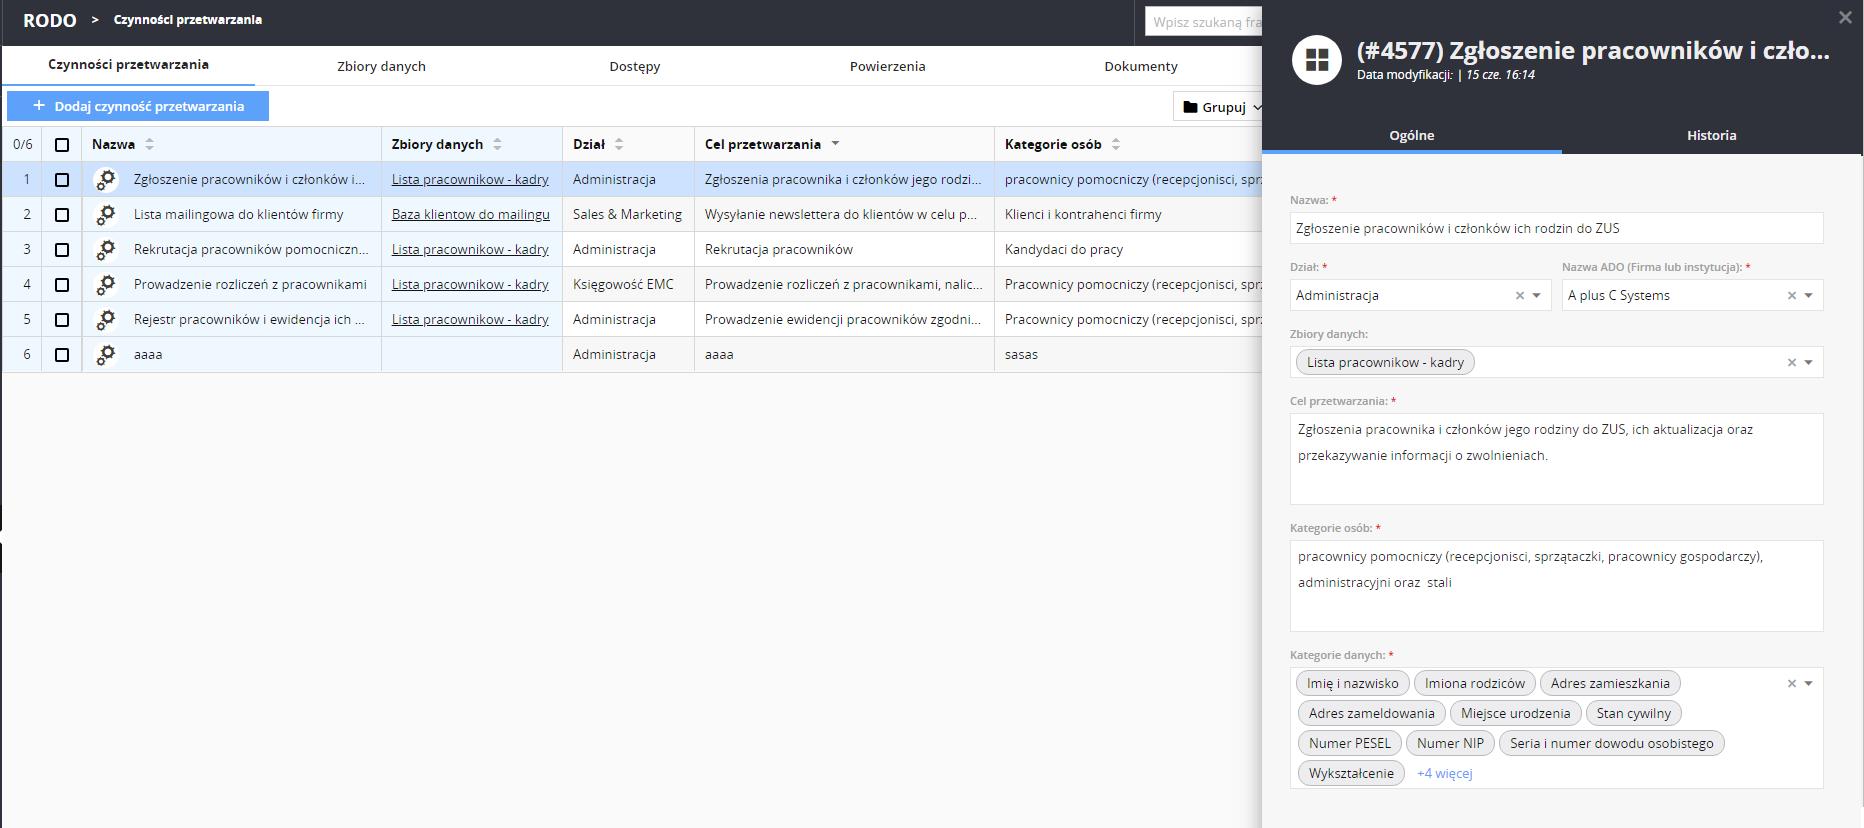 Nowe czynności przetwarzania w module statlook RODO w wersji 12.2.0